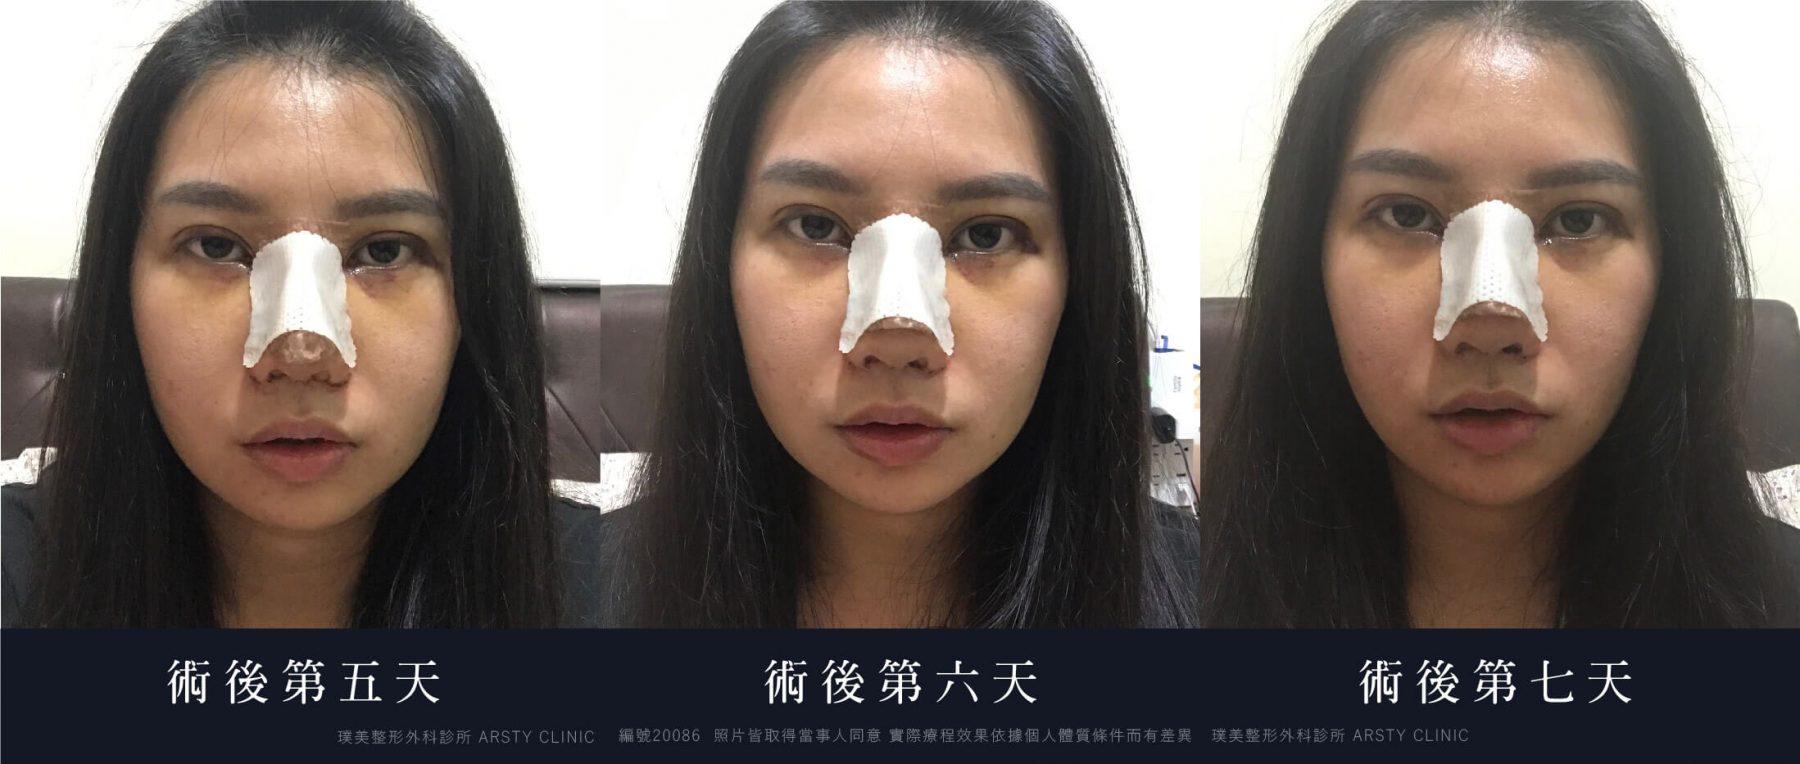 縫雙眼皮 開眼頭 隆鼻 縮鼻翼 敲鼻骨 3